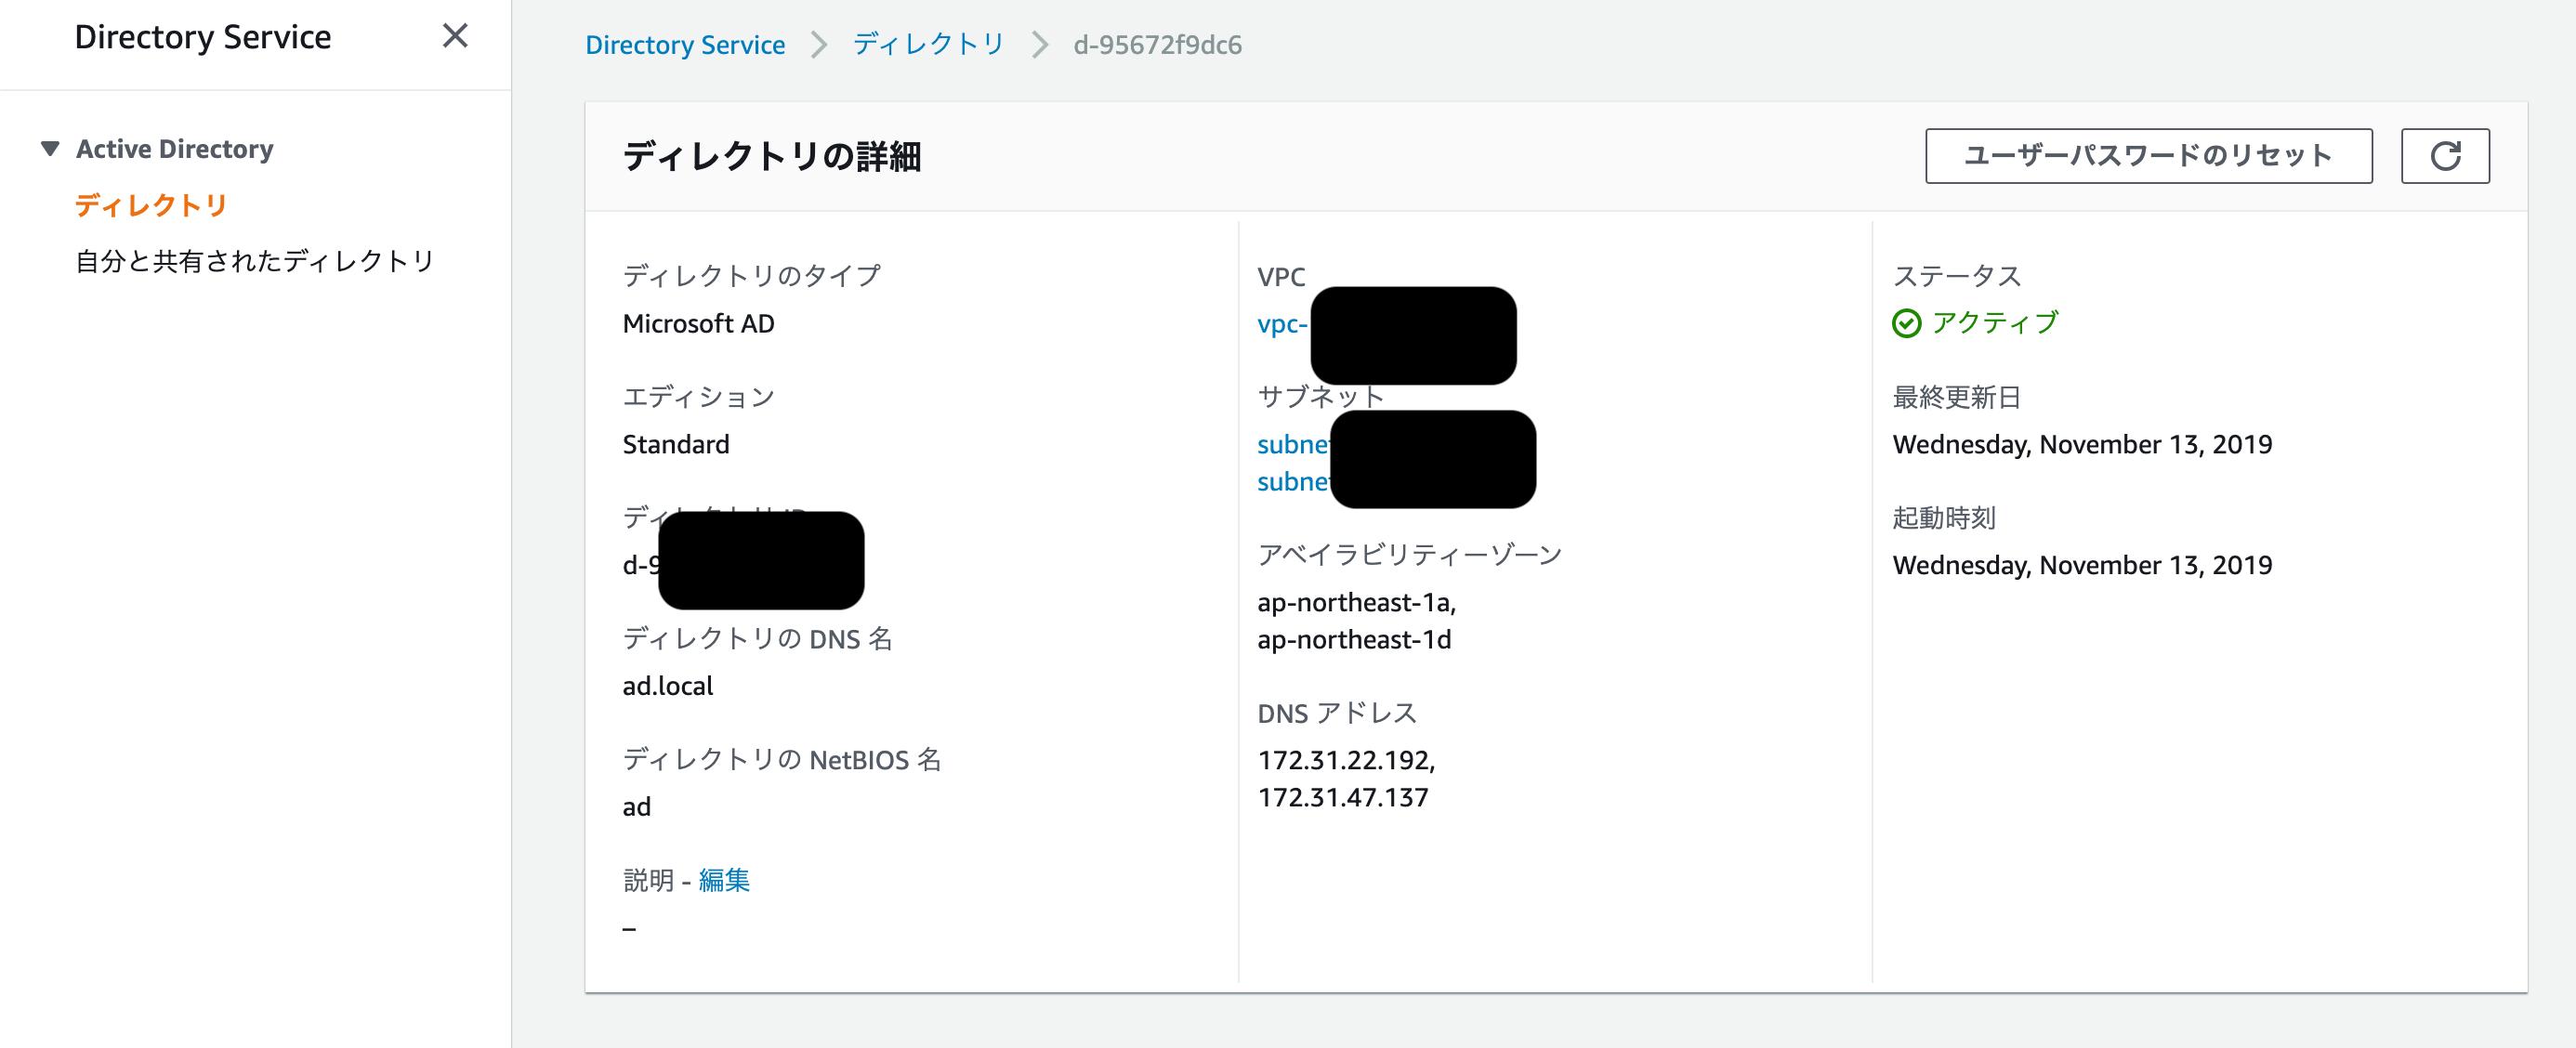 スクリーンショット 2019-11-19 17.56.38.png